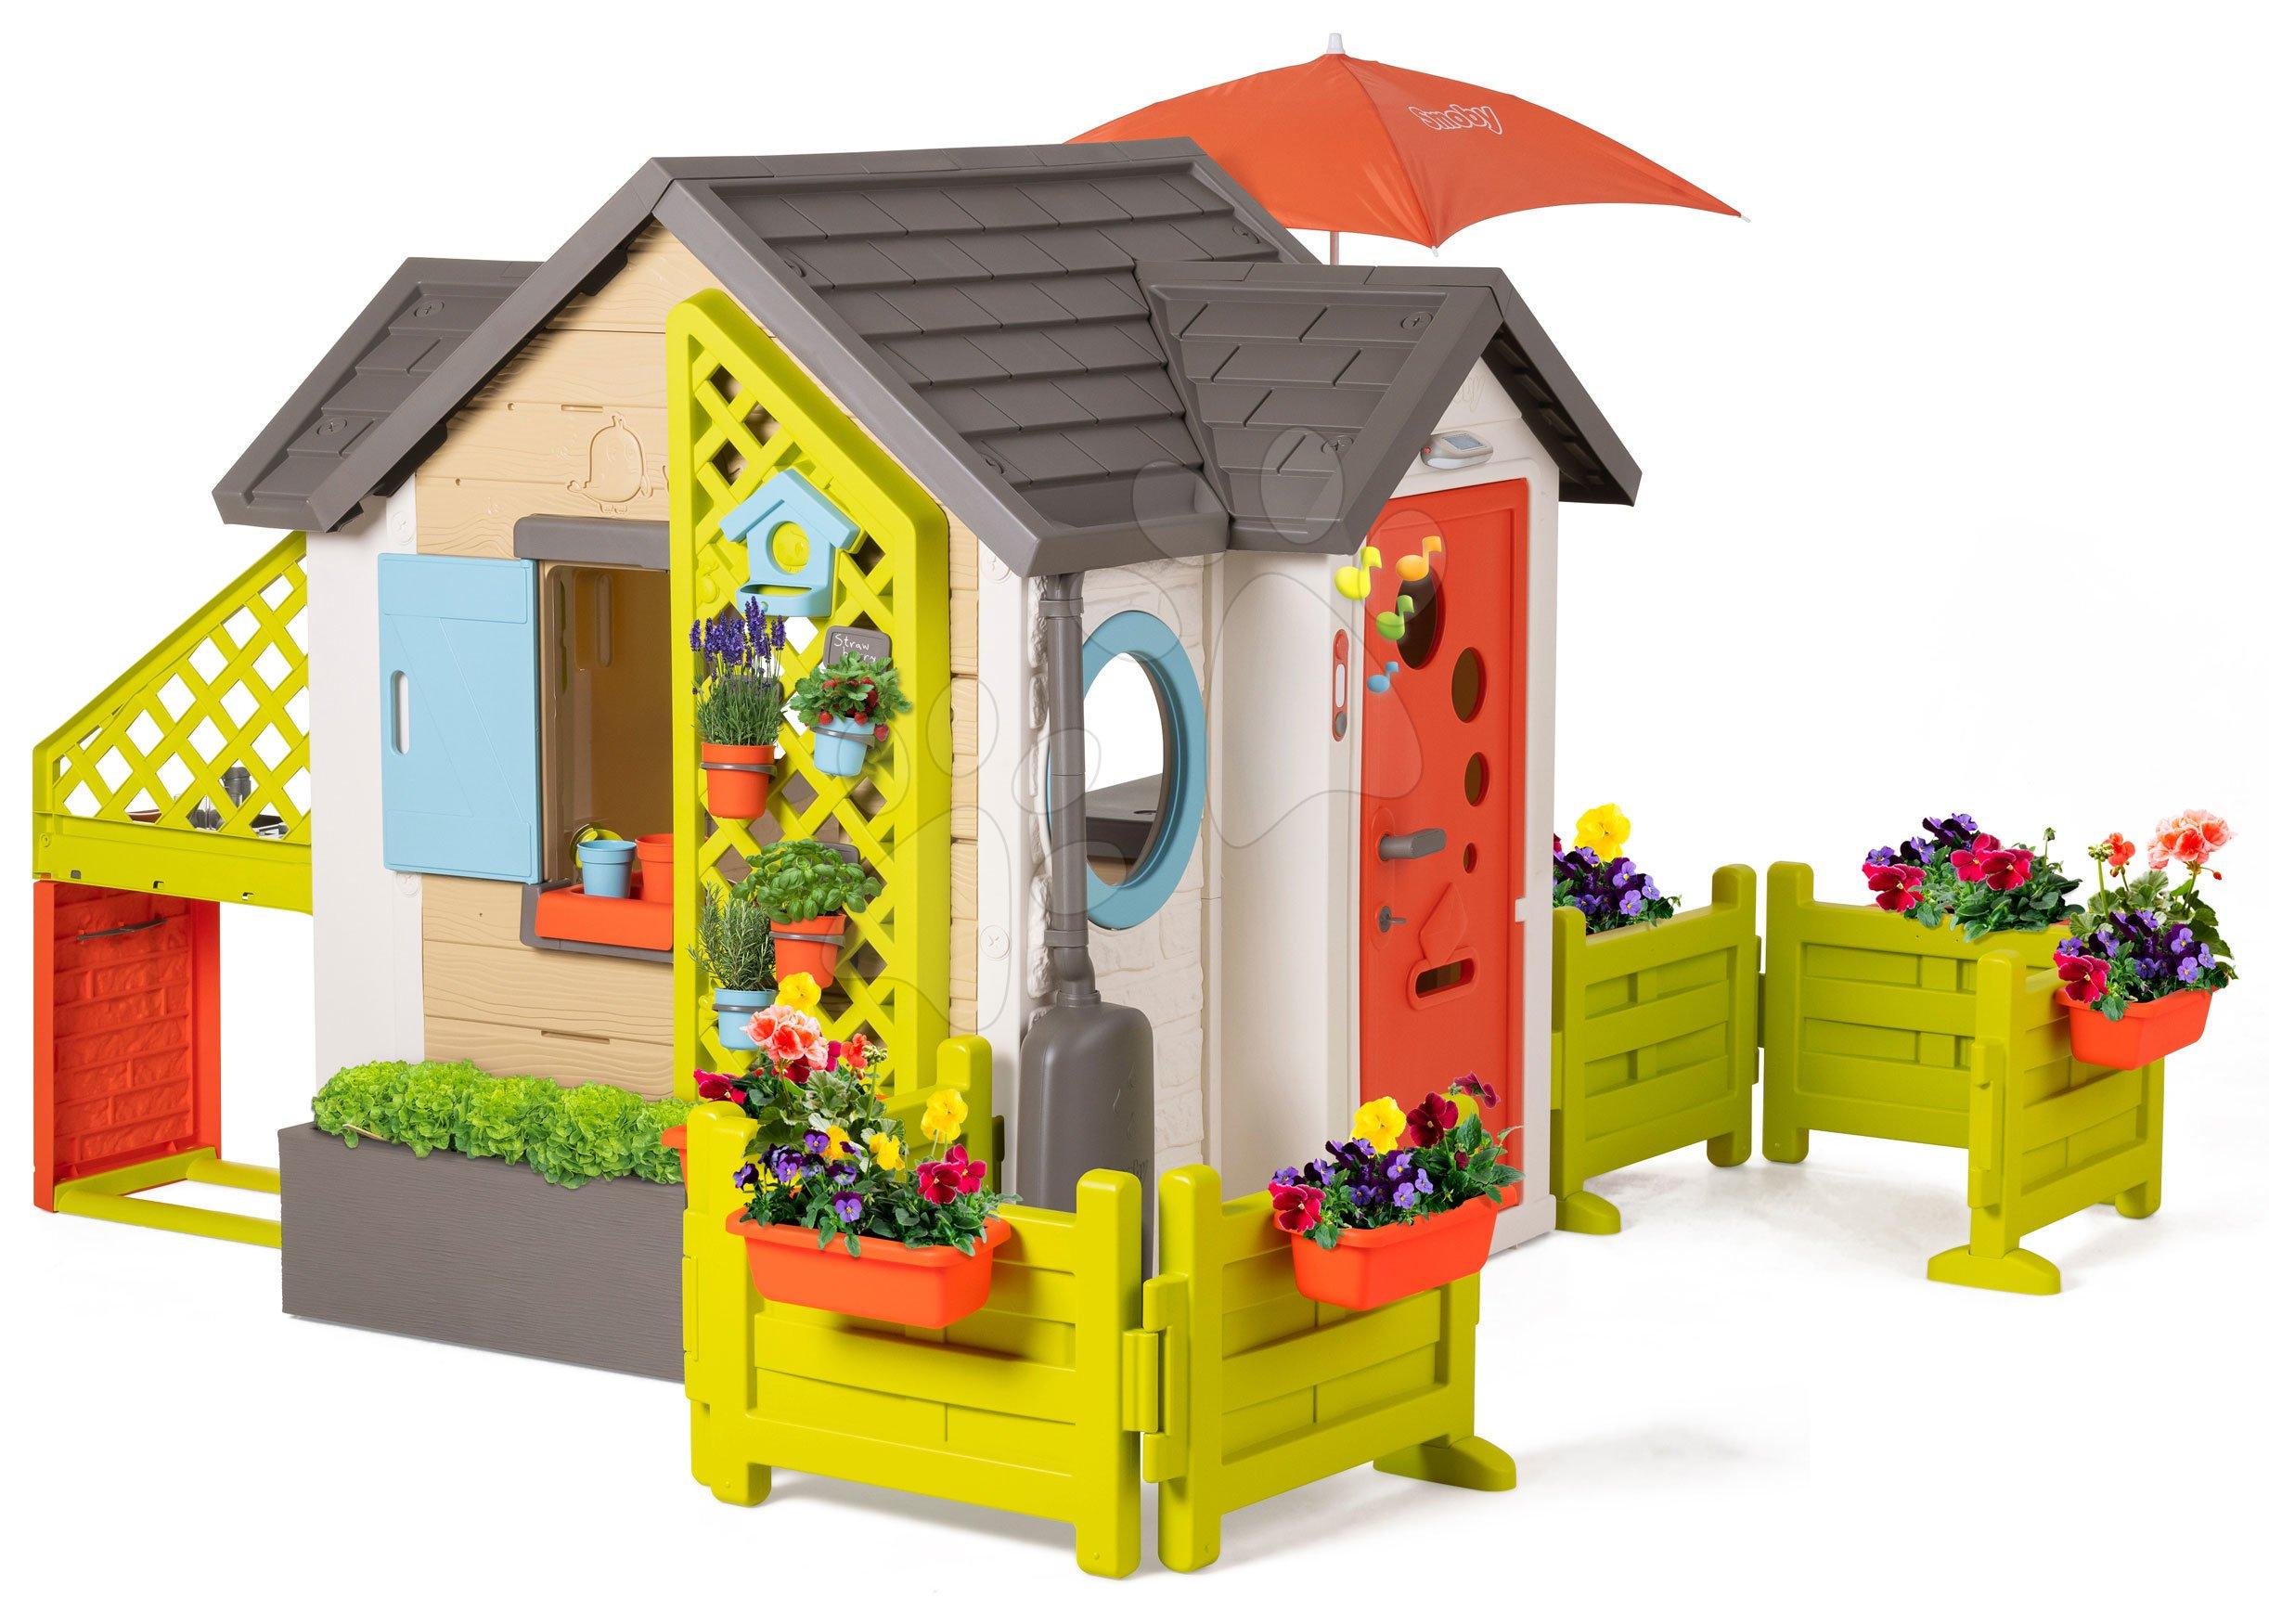 Domček pre záhradníka Garden House Smoby výnimočne rozšíriteľný s plnými dverami a veľkou predzáhradkou od 24 mes